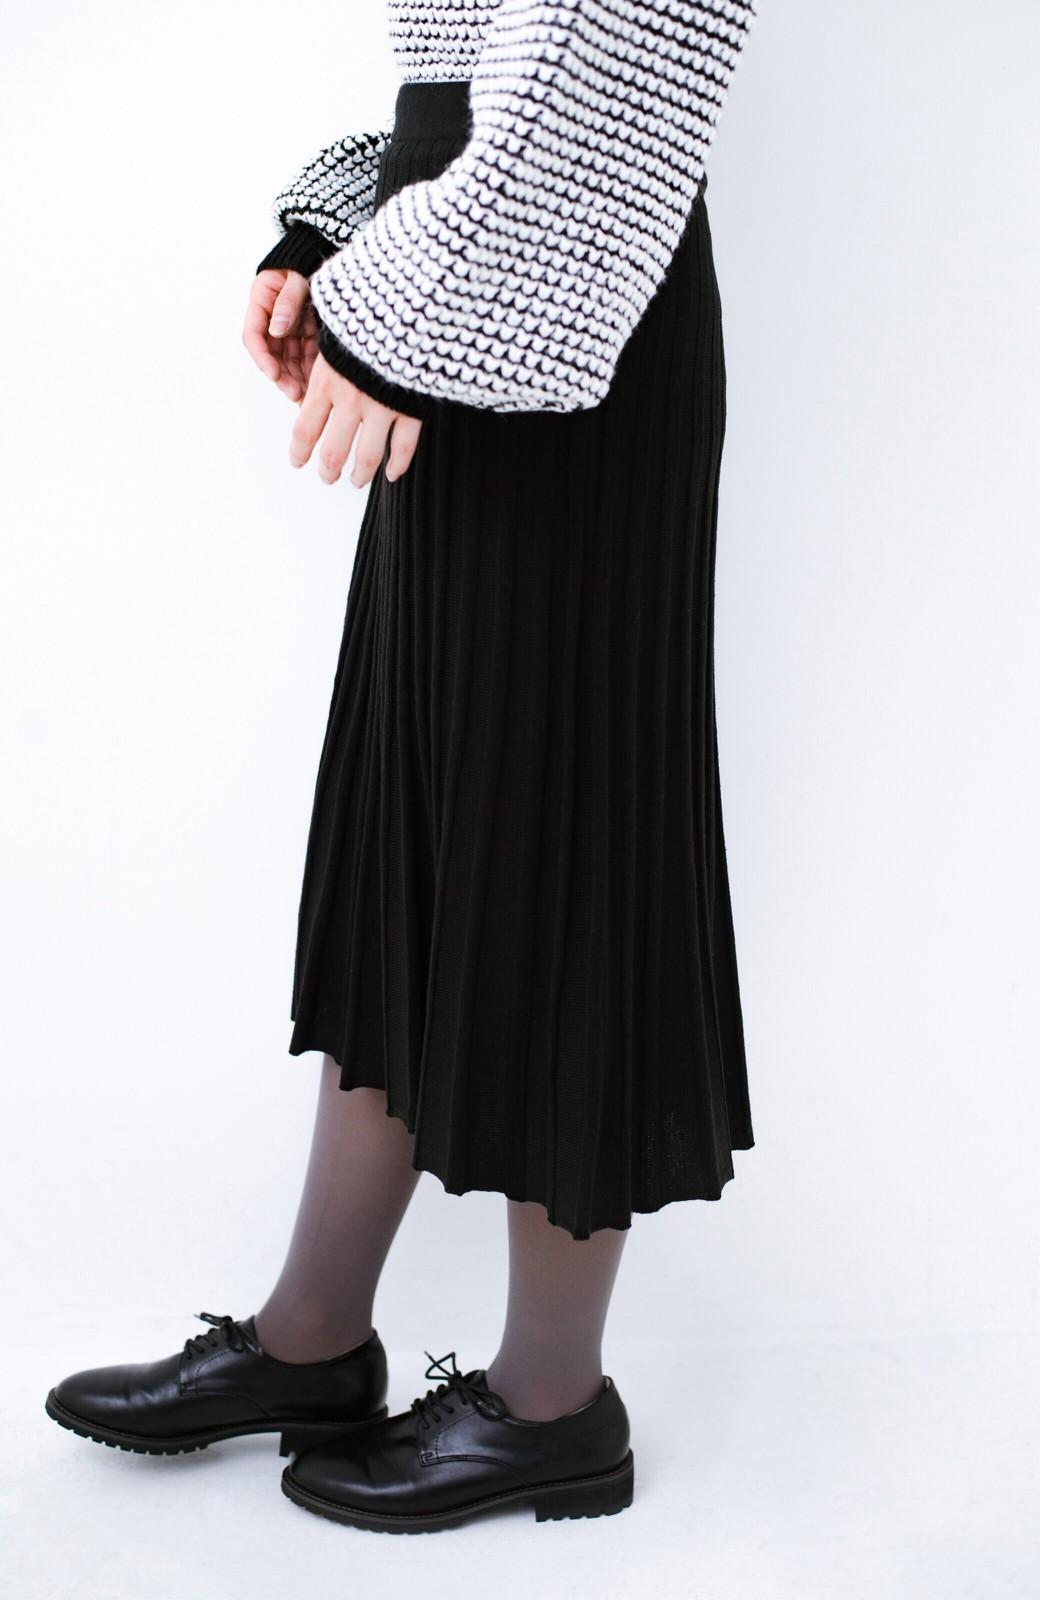 haco! 寝坊した朝でも安心!パッと着るだけでコーデが完成する女っぽニットアップ <ブラック>の商品写真6